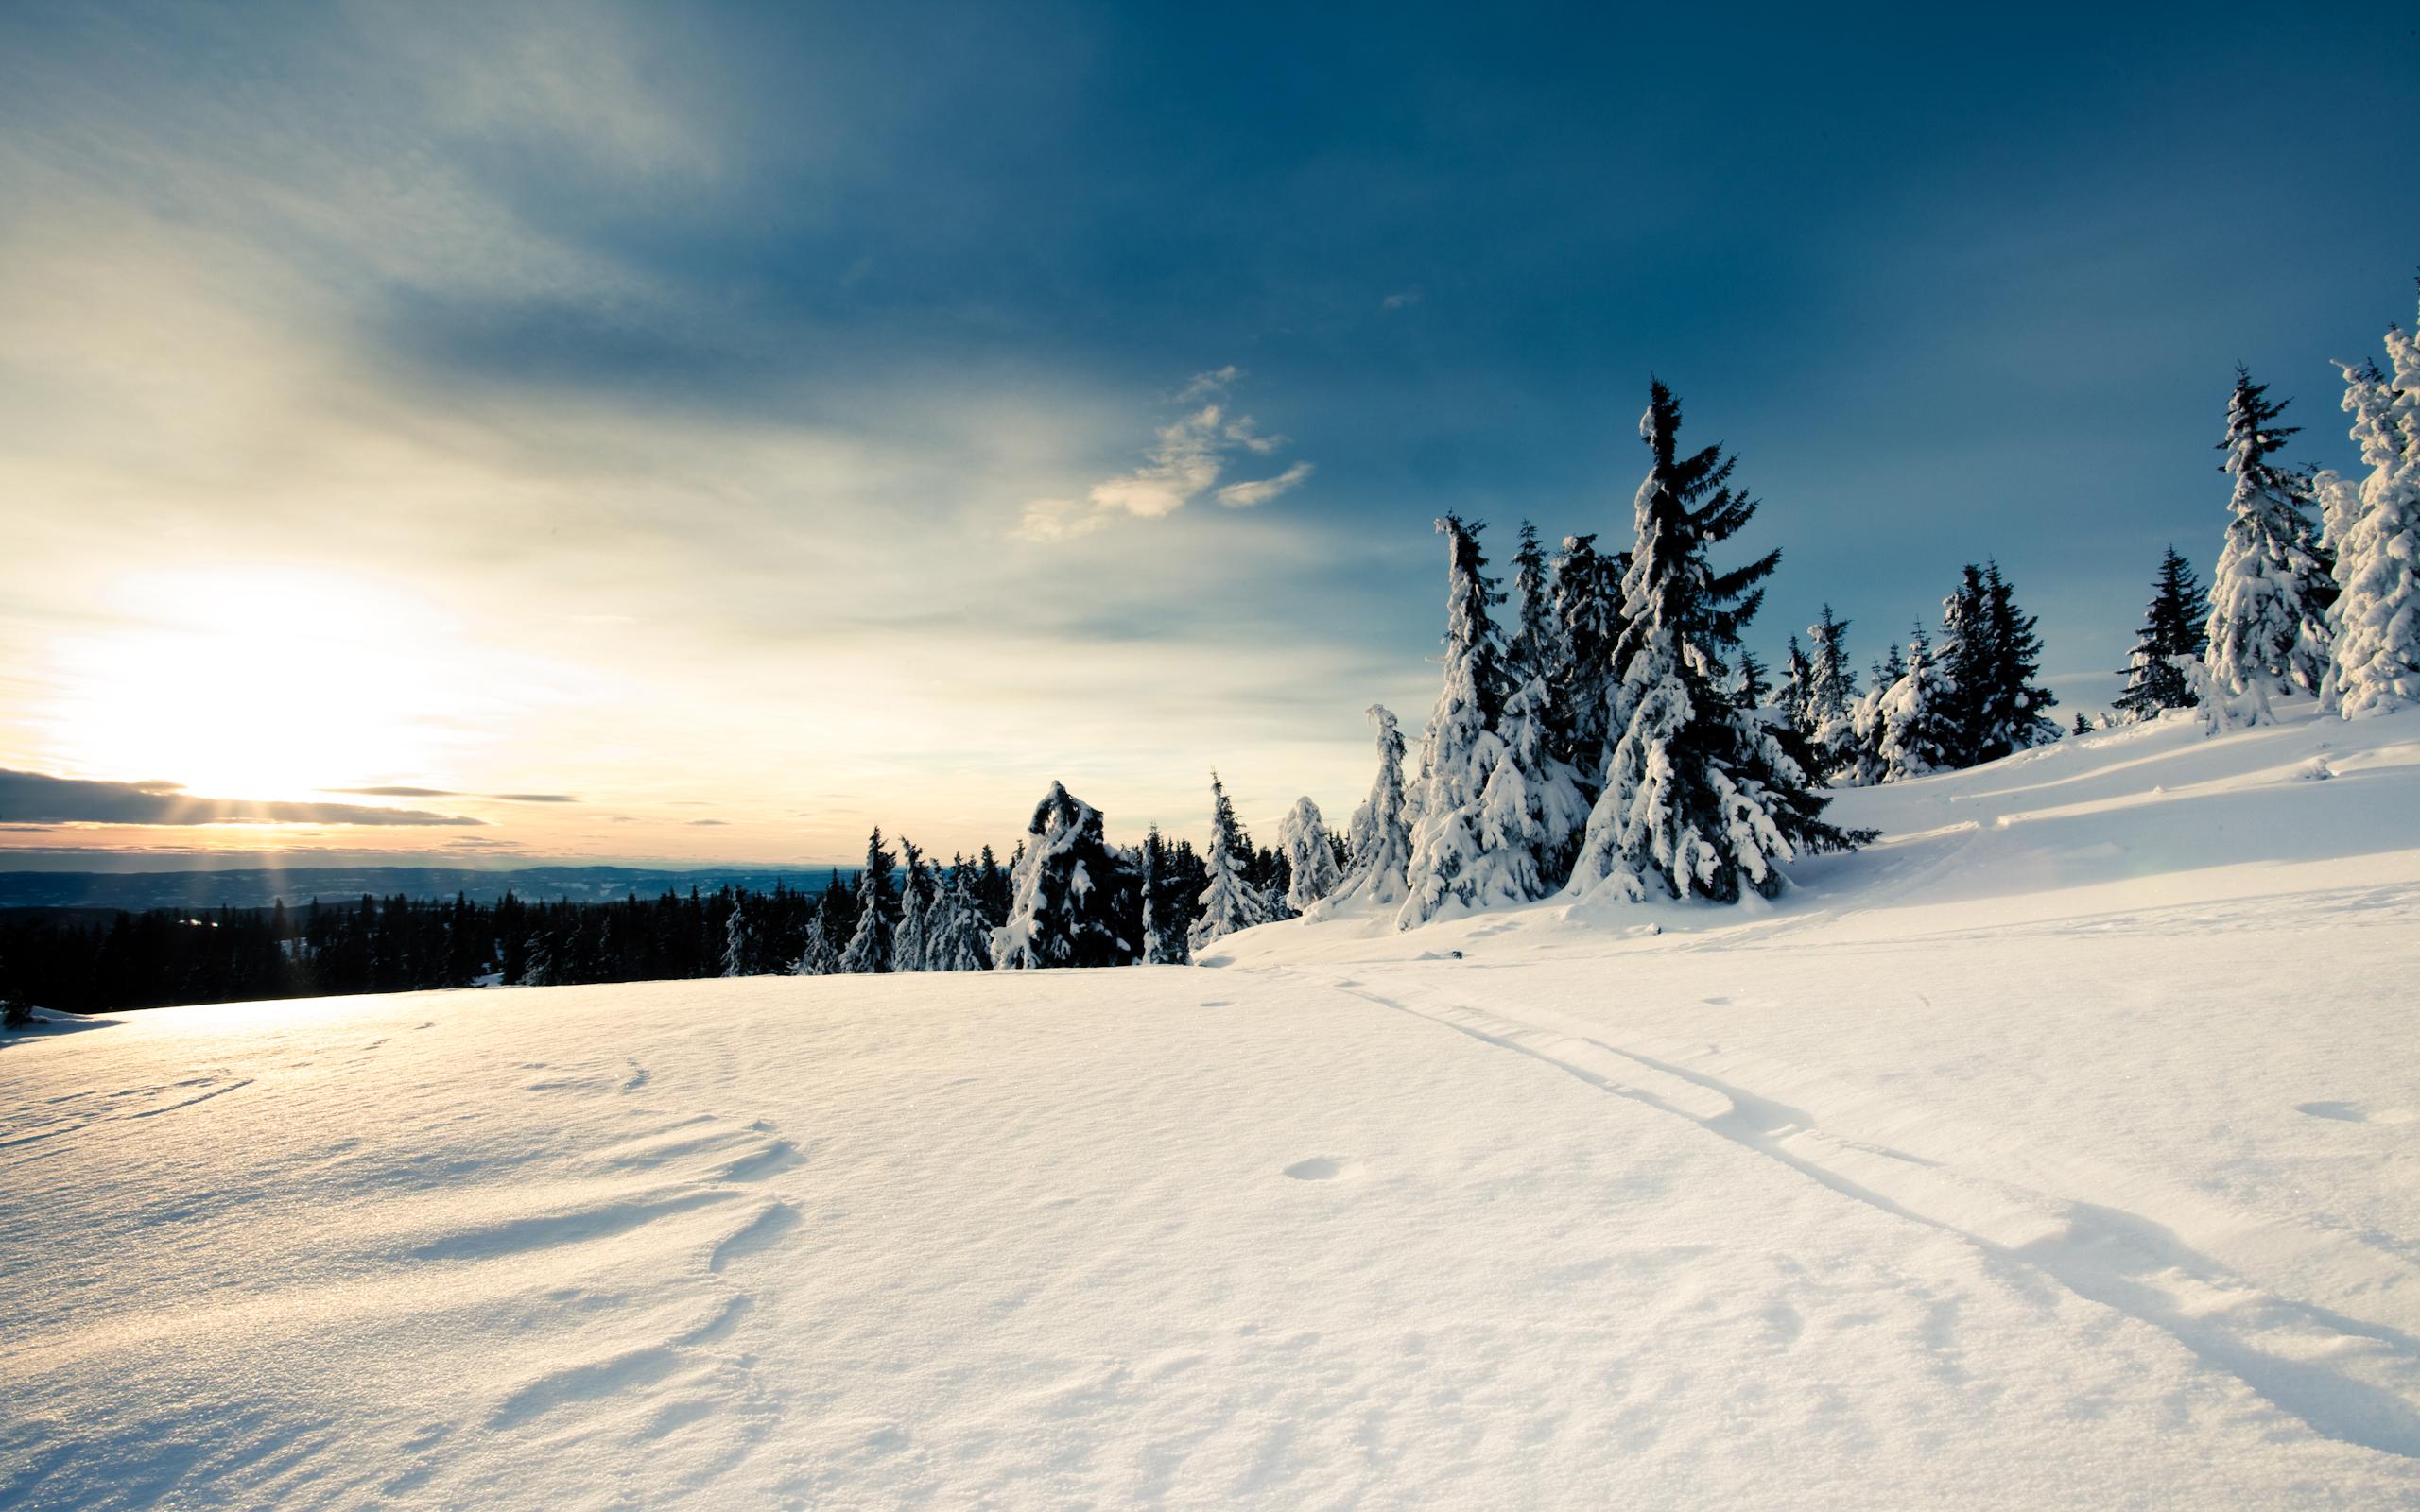 снег ели зима  № 3180928 бесплатно